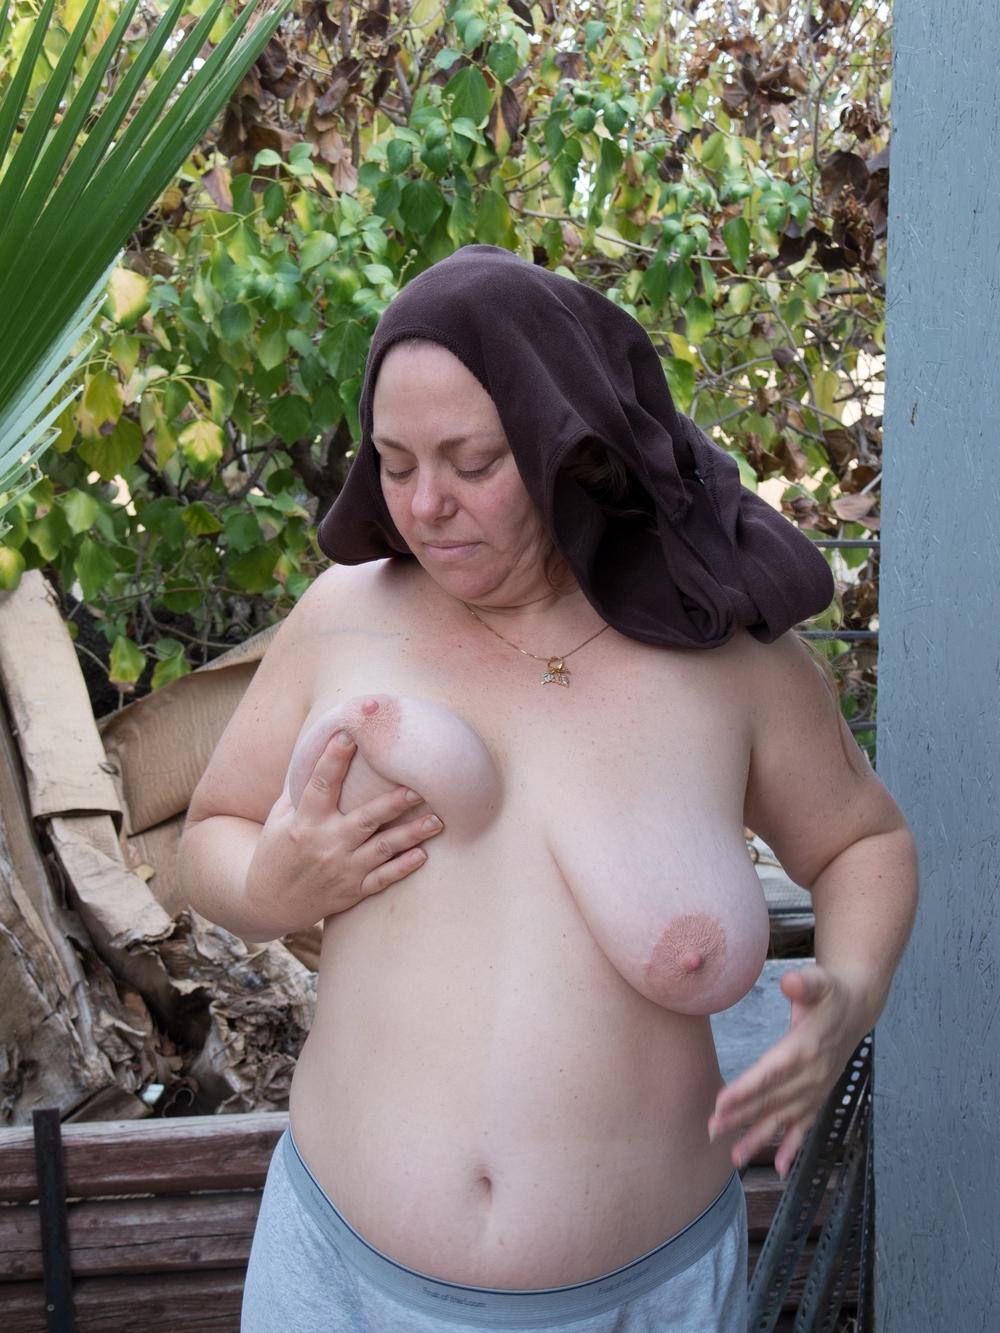 Упитанная тетка во дворе хвастается лохматой пиздой